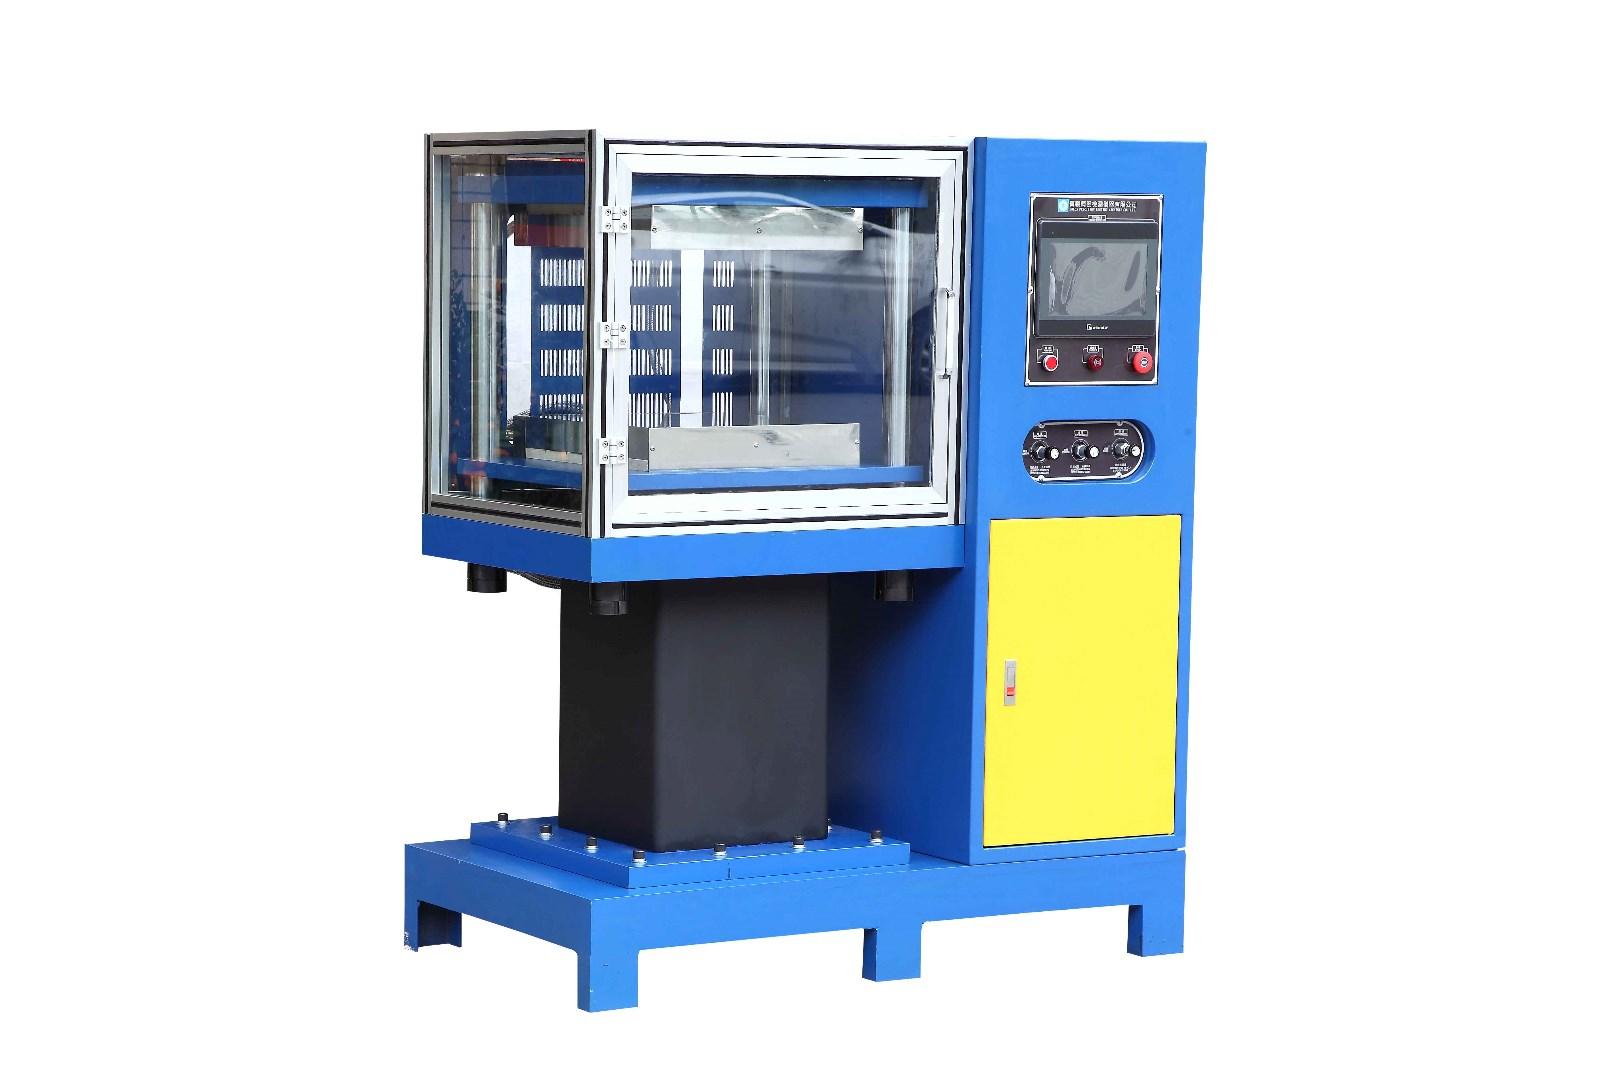 小型平板硫化机厂家/微型平板硫化机/东莞市宝轮精密检测仪器有限公司